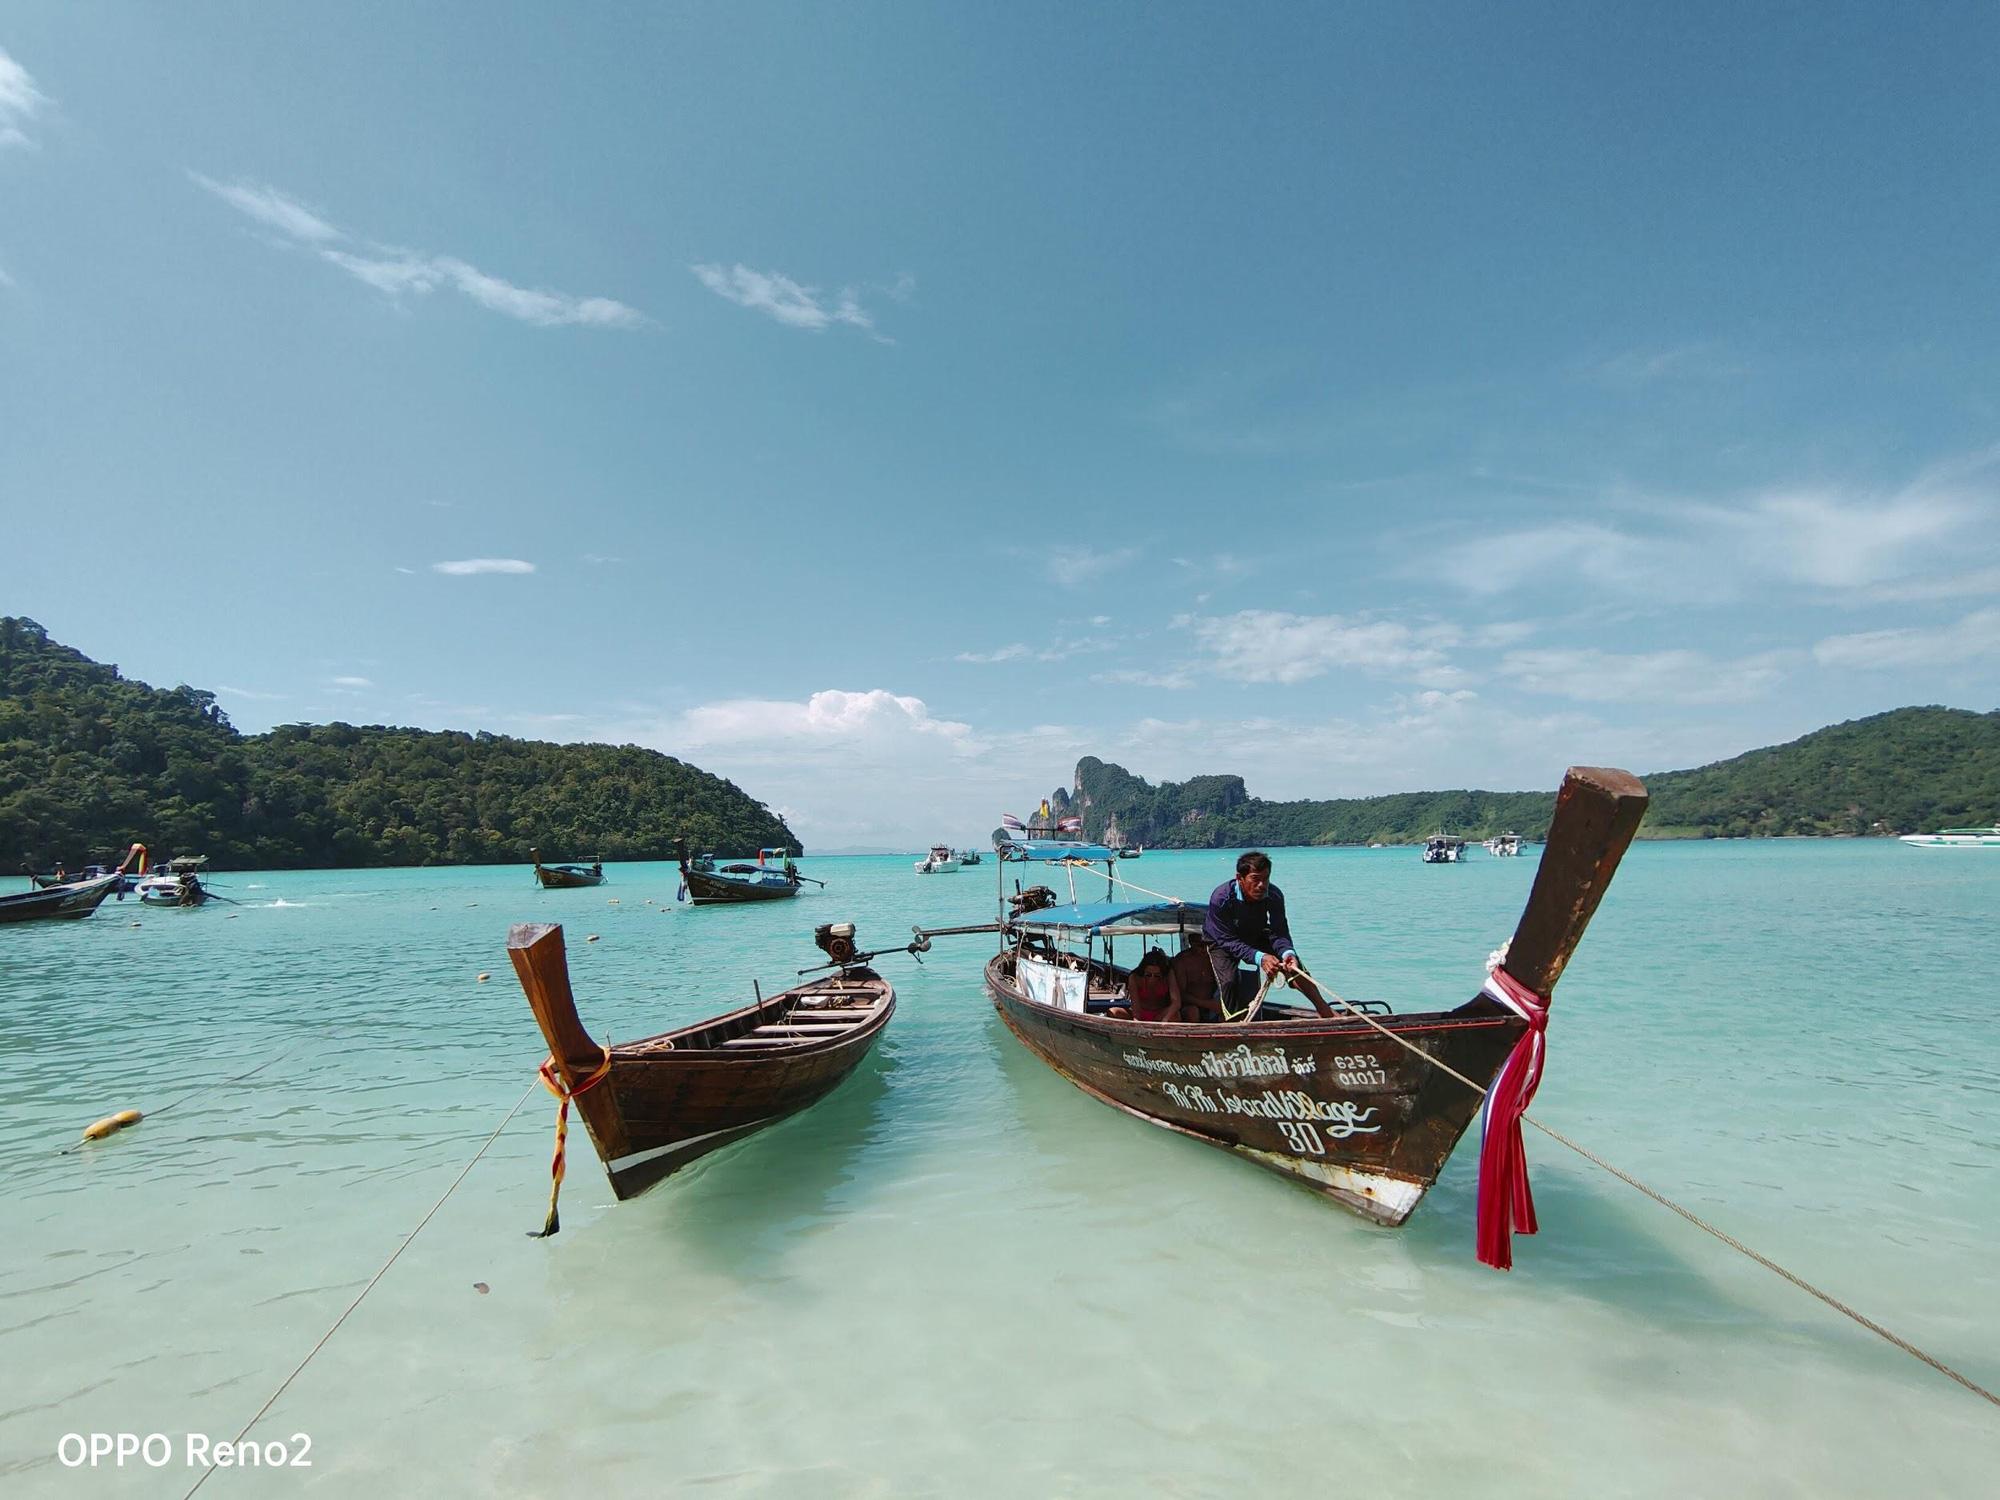 Khám phá vẻ đẹp Koh Phi Phi - Đảo ngọc thiên đường của Thái Lan - Ảnh 4.